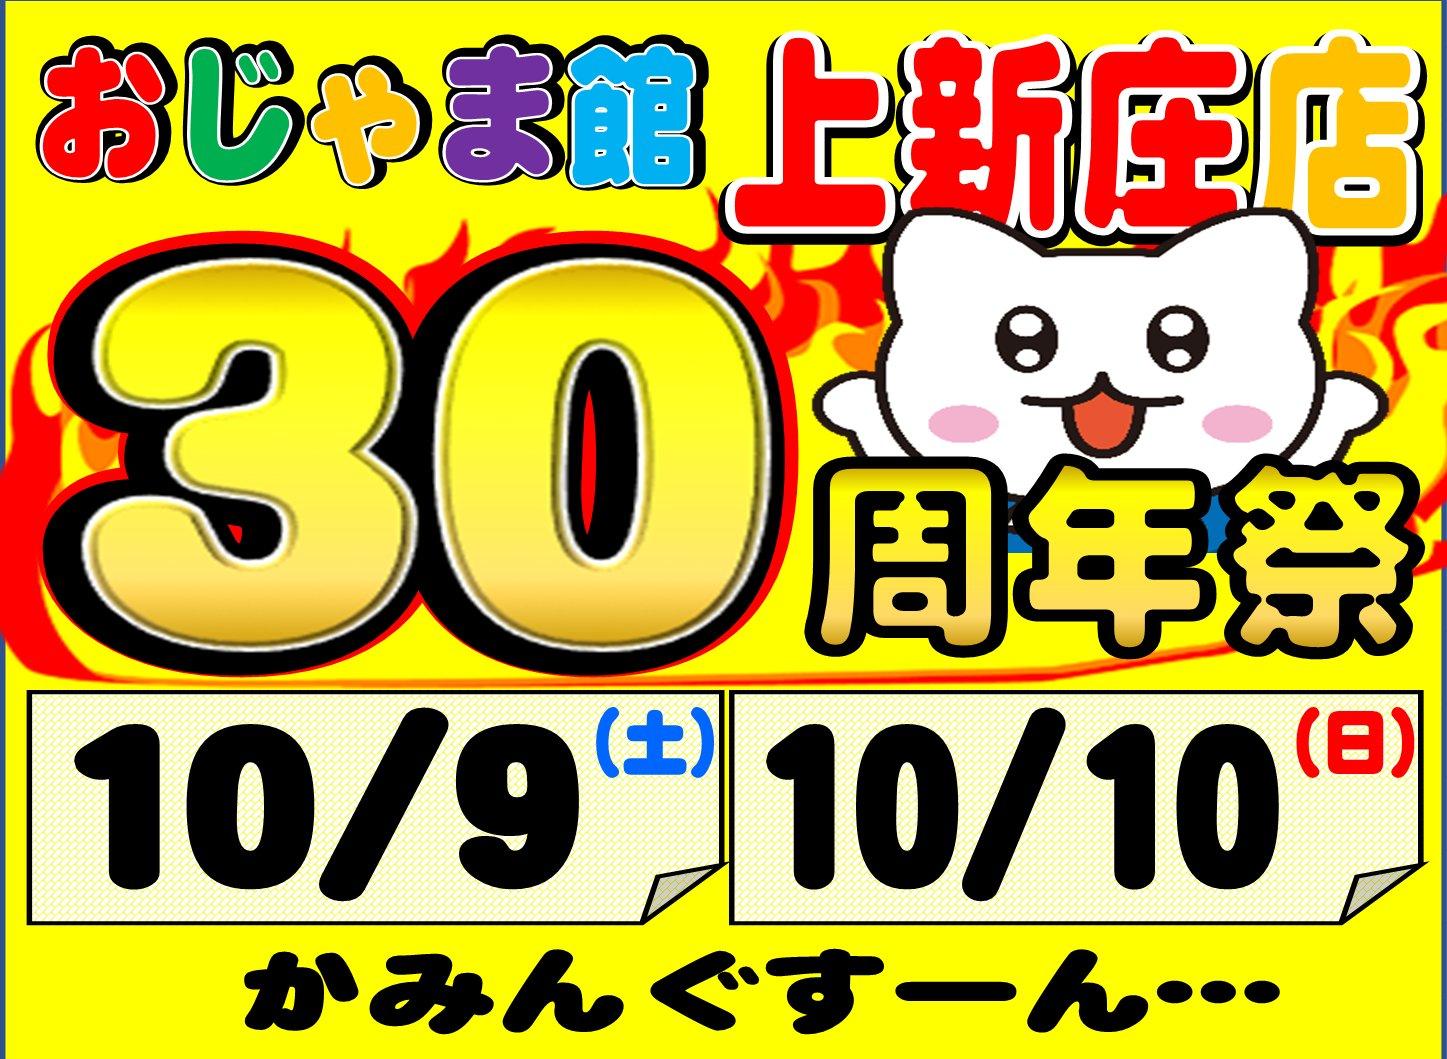 【宣伝】系列㊗上新庄店【30周年祭り】